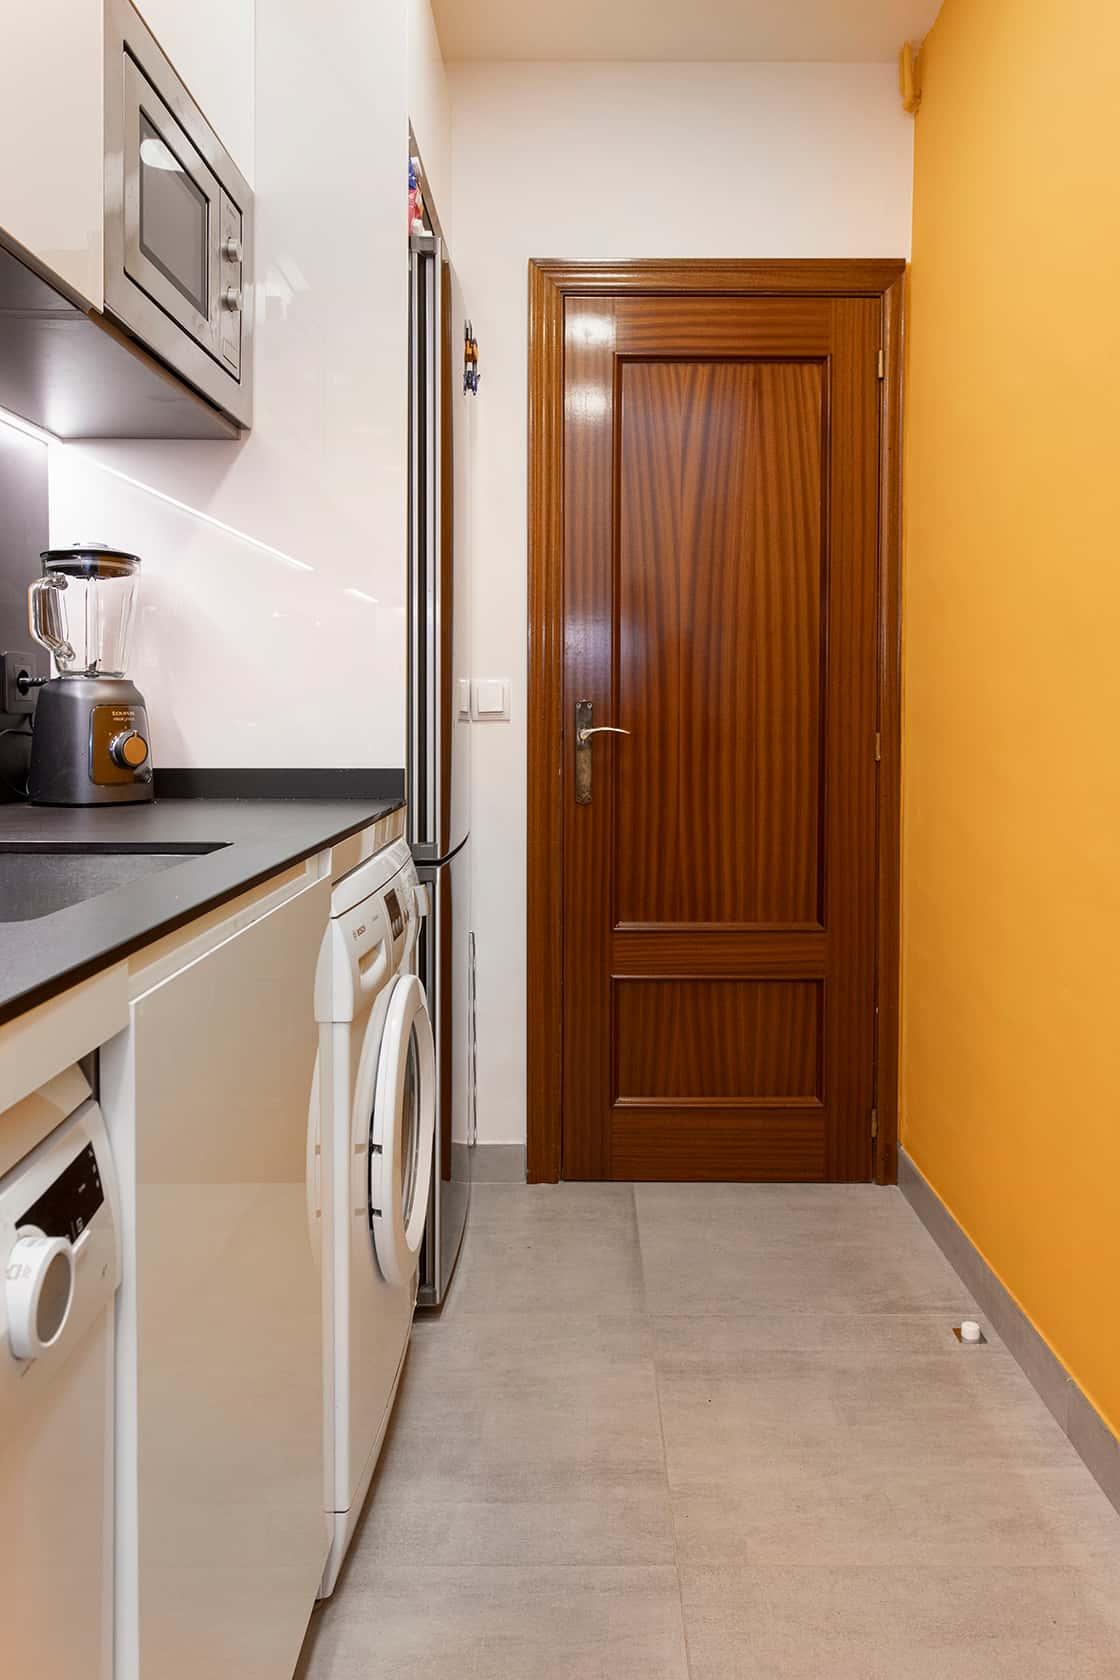 puerta de cocina